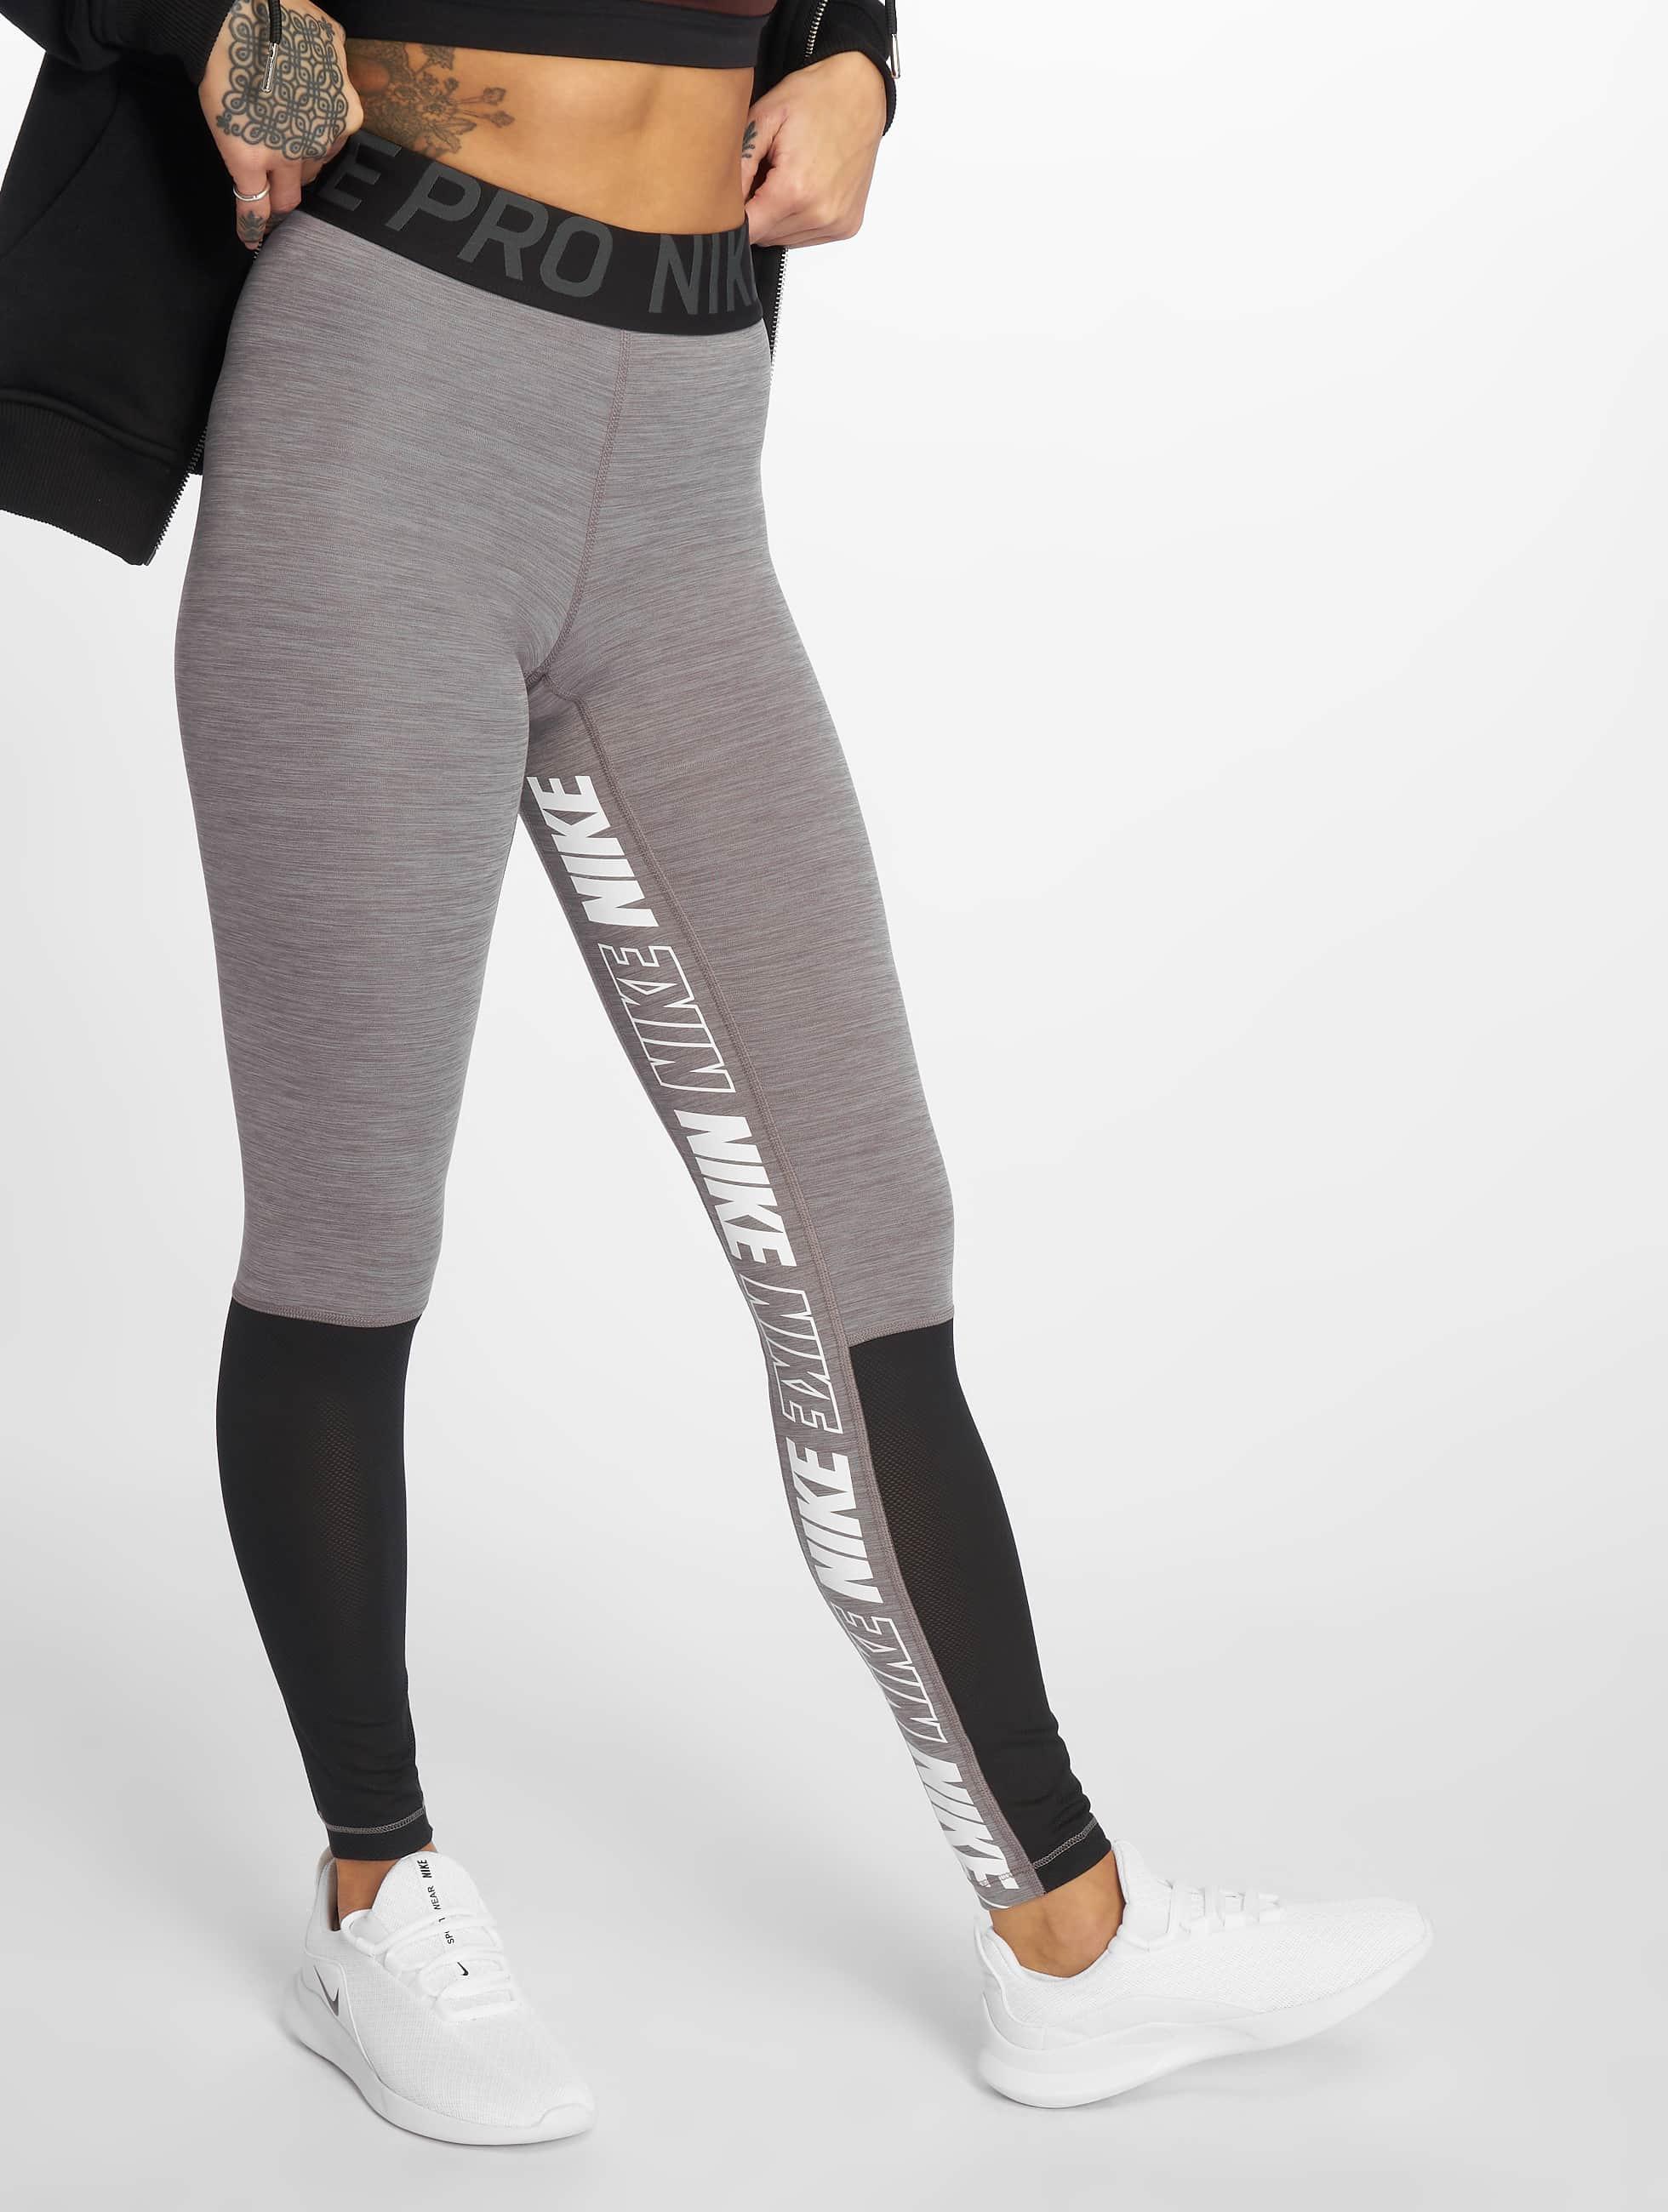 b852b22e362 Nike broek / Legging Pro in grijs 586949